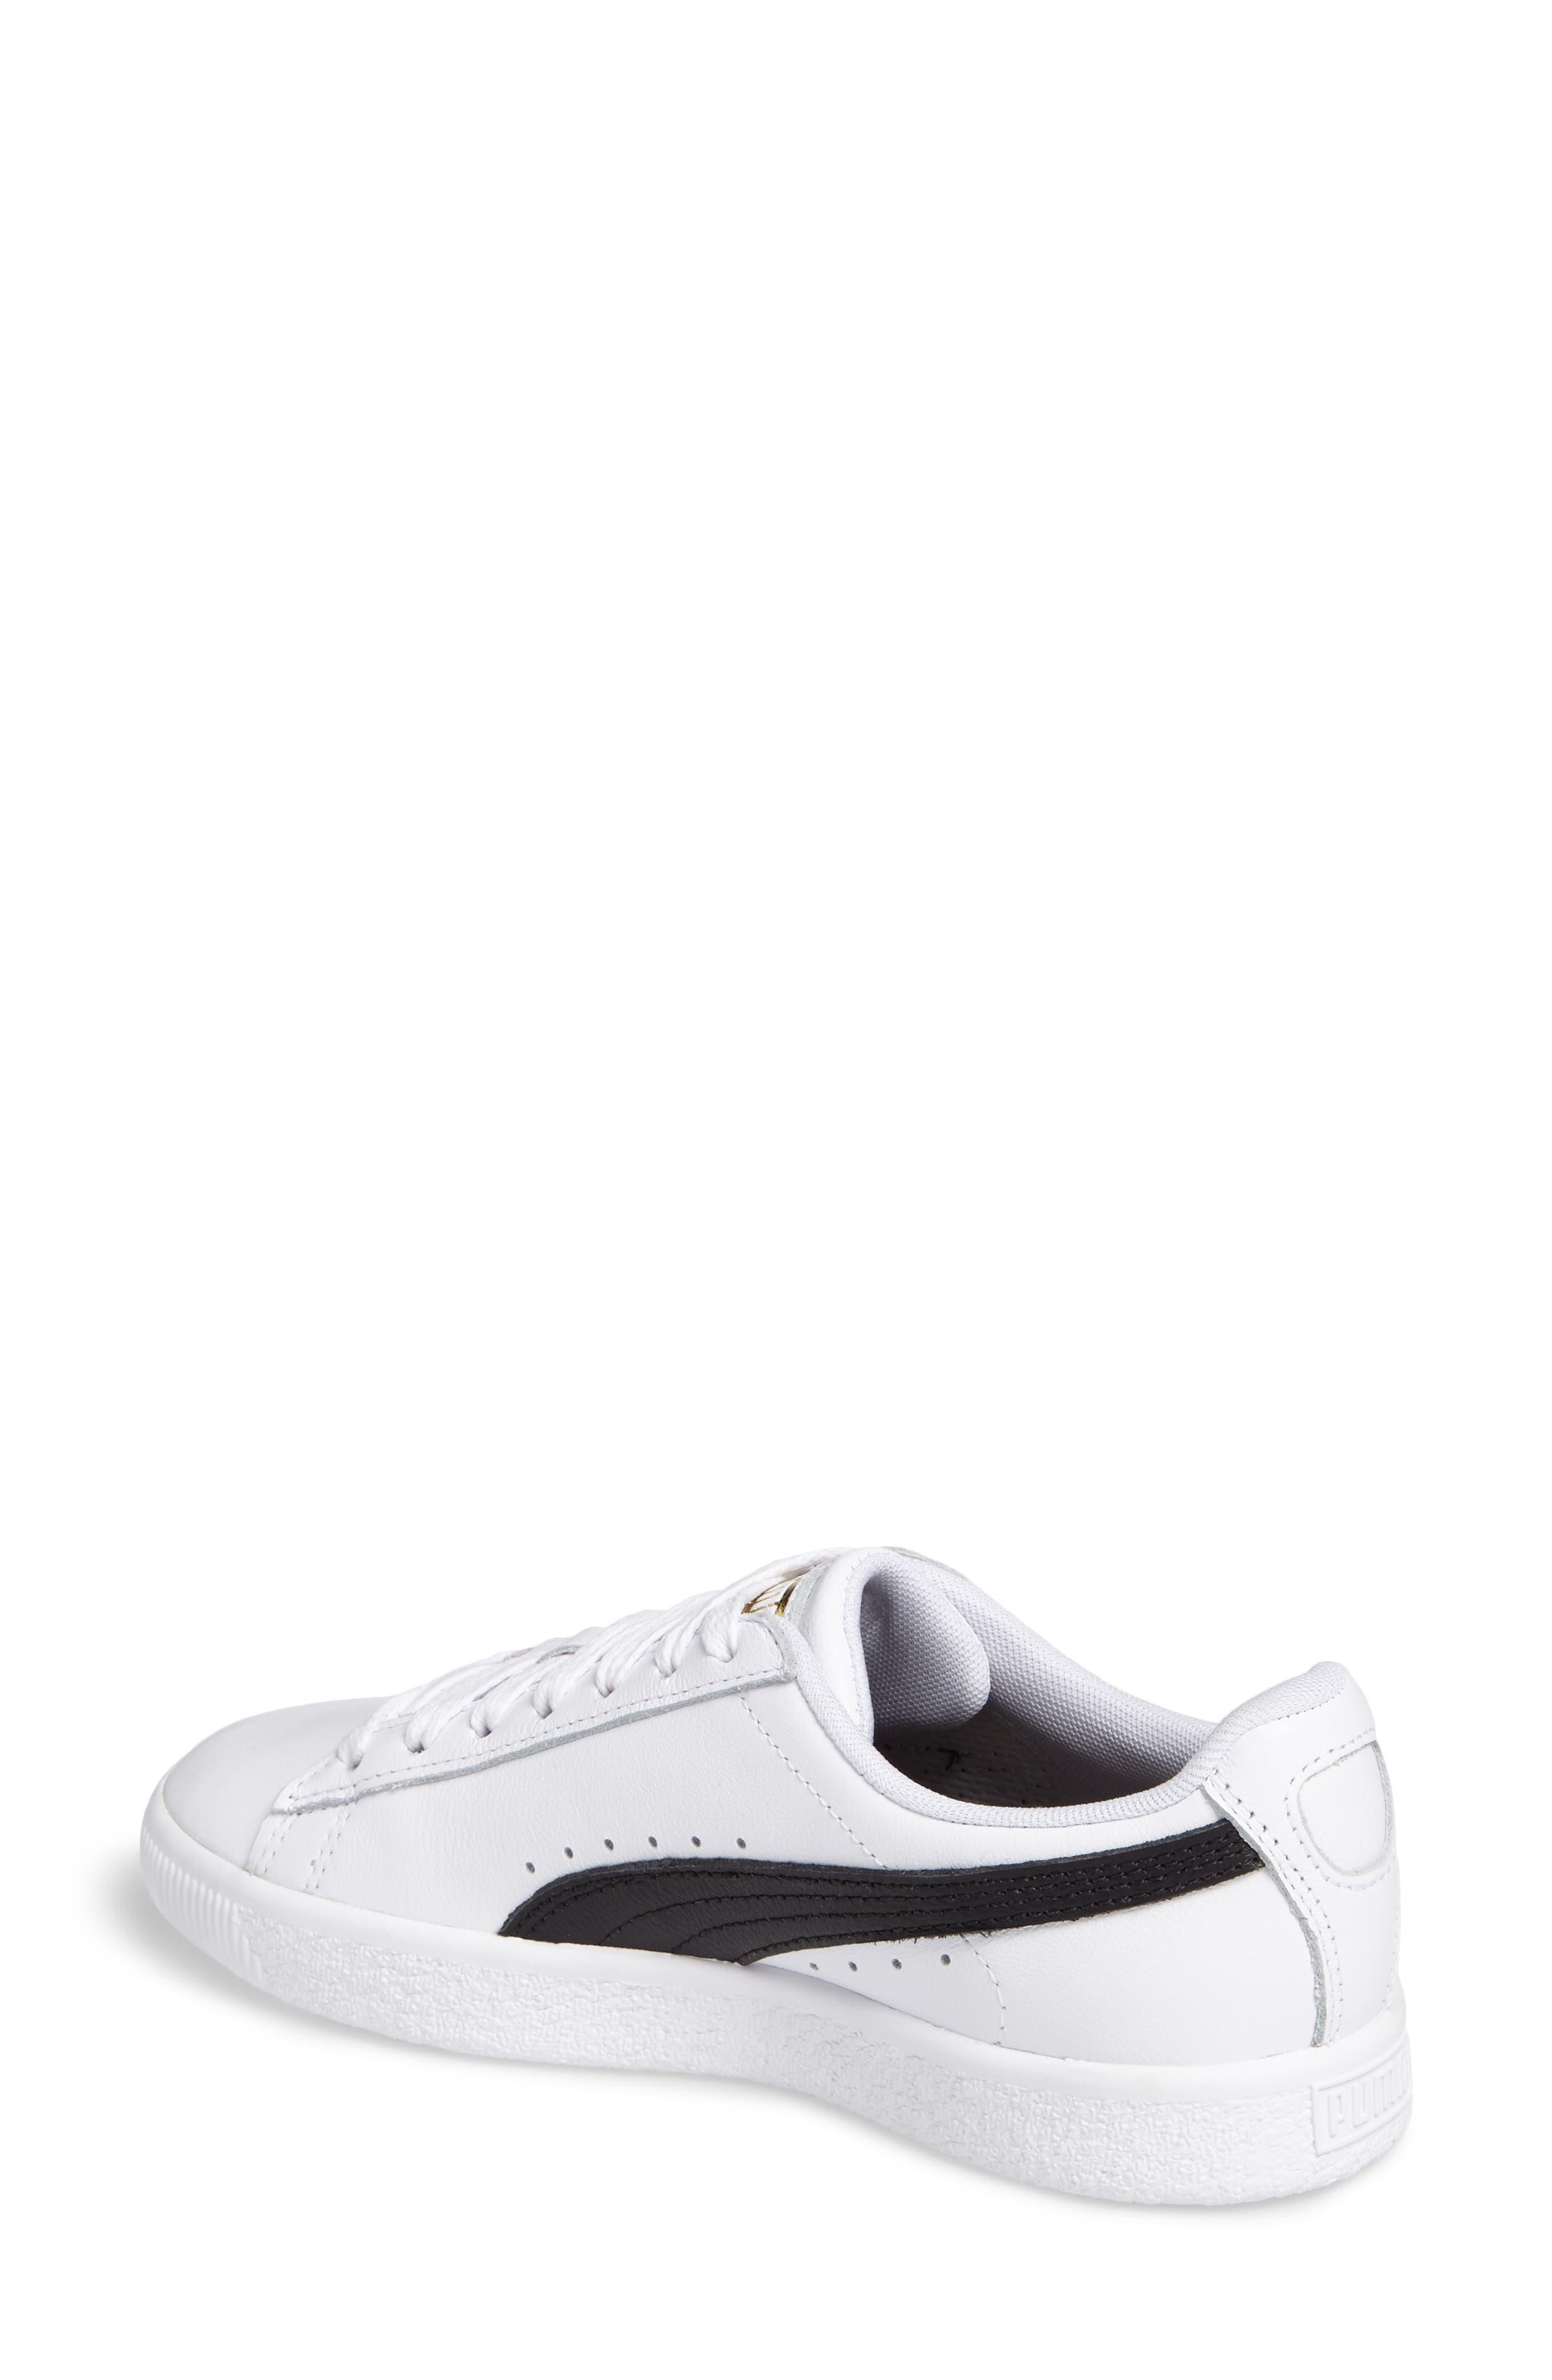 Clyde Sneaker,                             Alternate thumbnail 2, color,                             WHITE/ BLACK/ GOLD